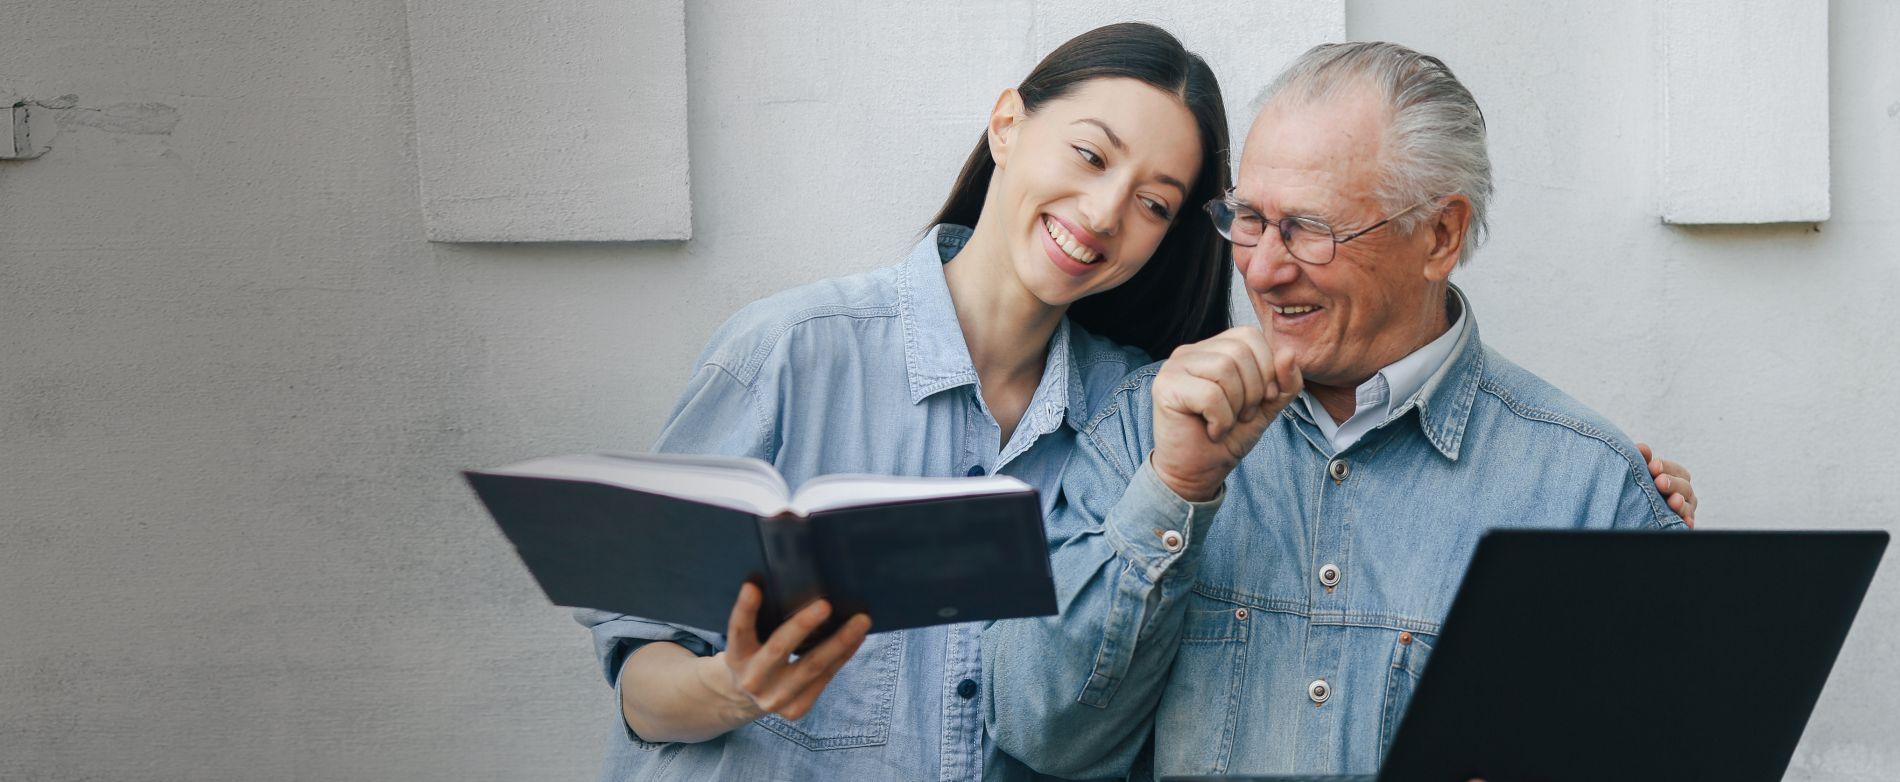 Потребительский кредит пенсионерам без поручителей